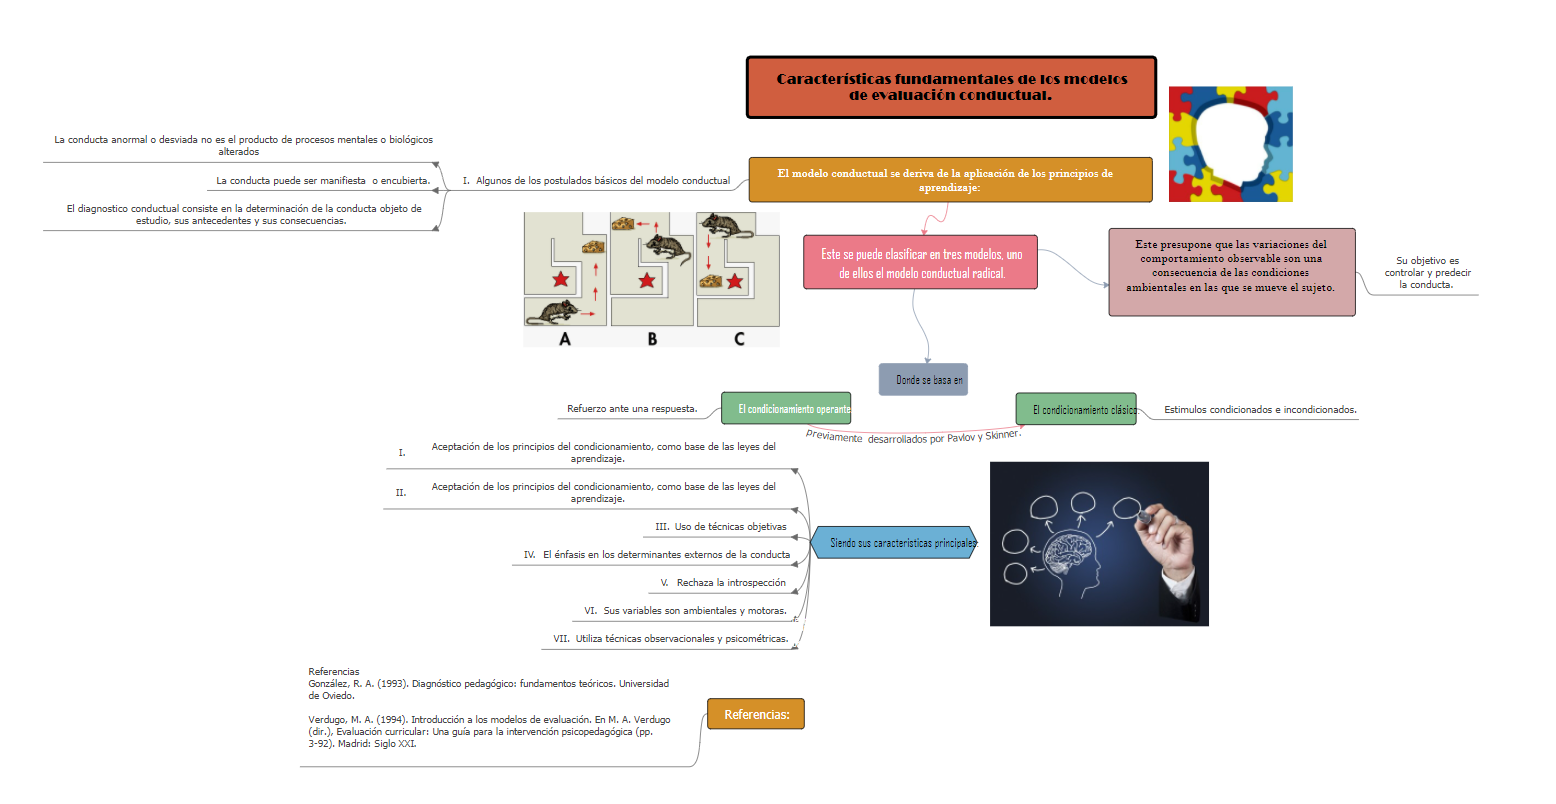 Modelo de Evaluación Conductual